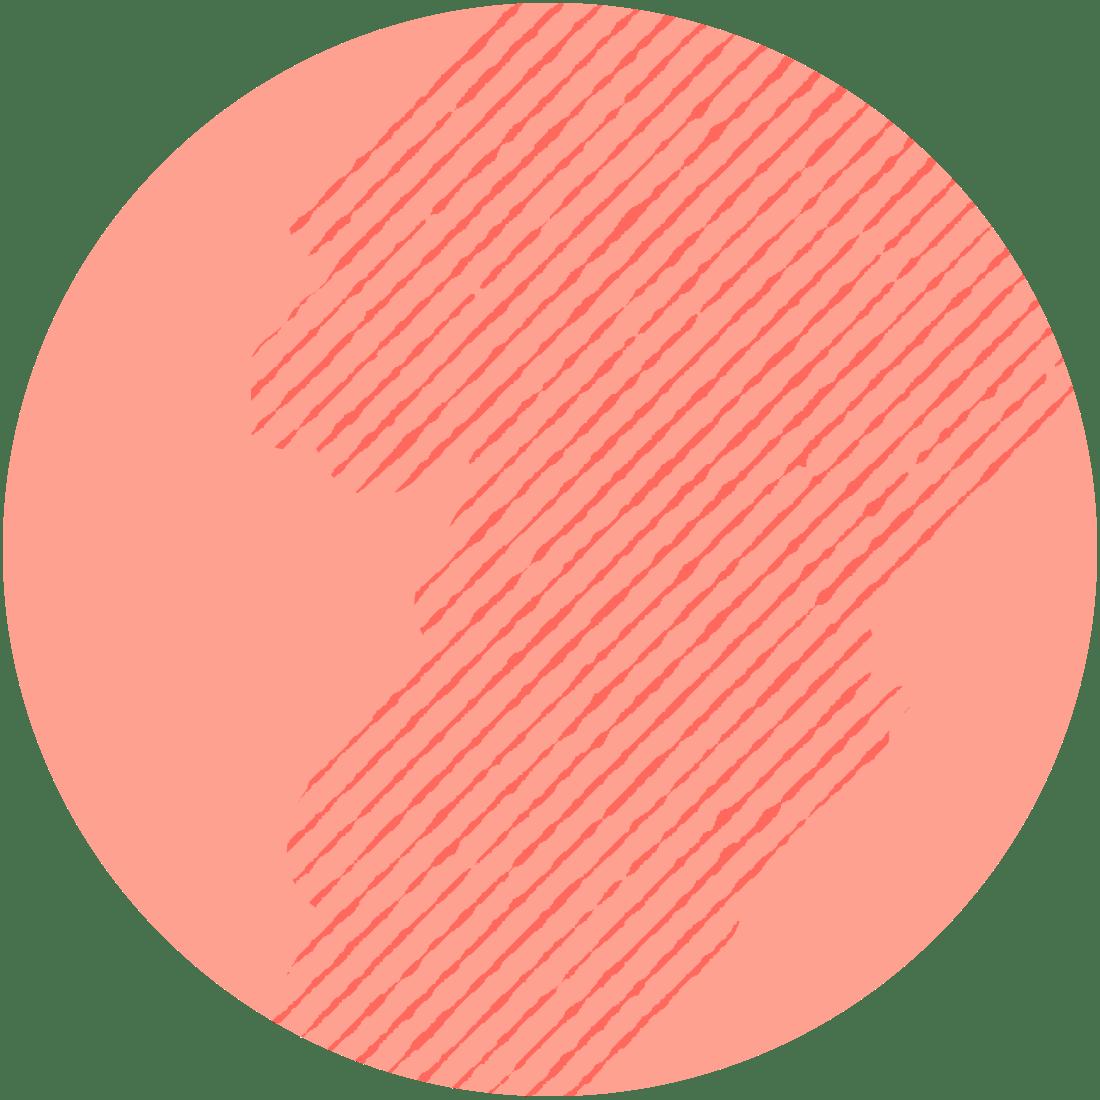 Cercle abstrait